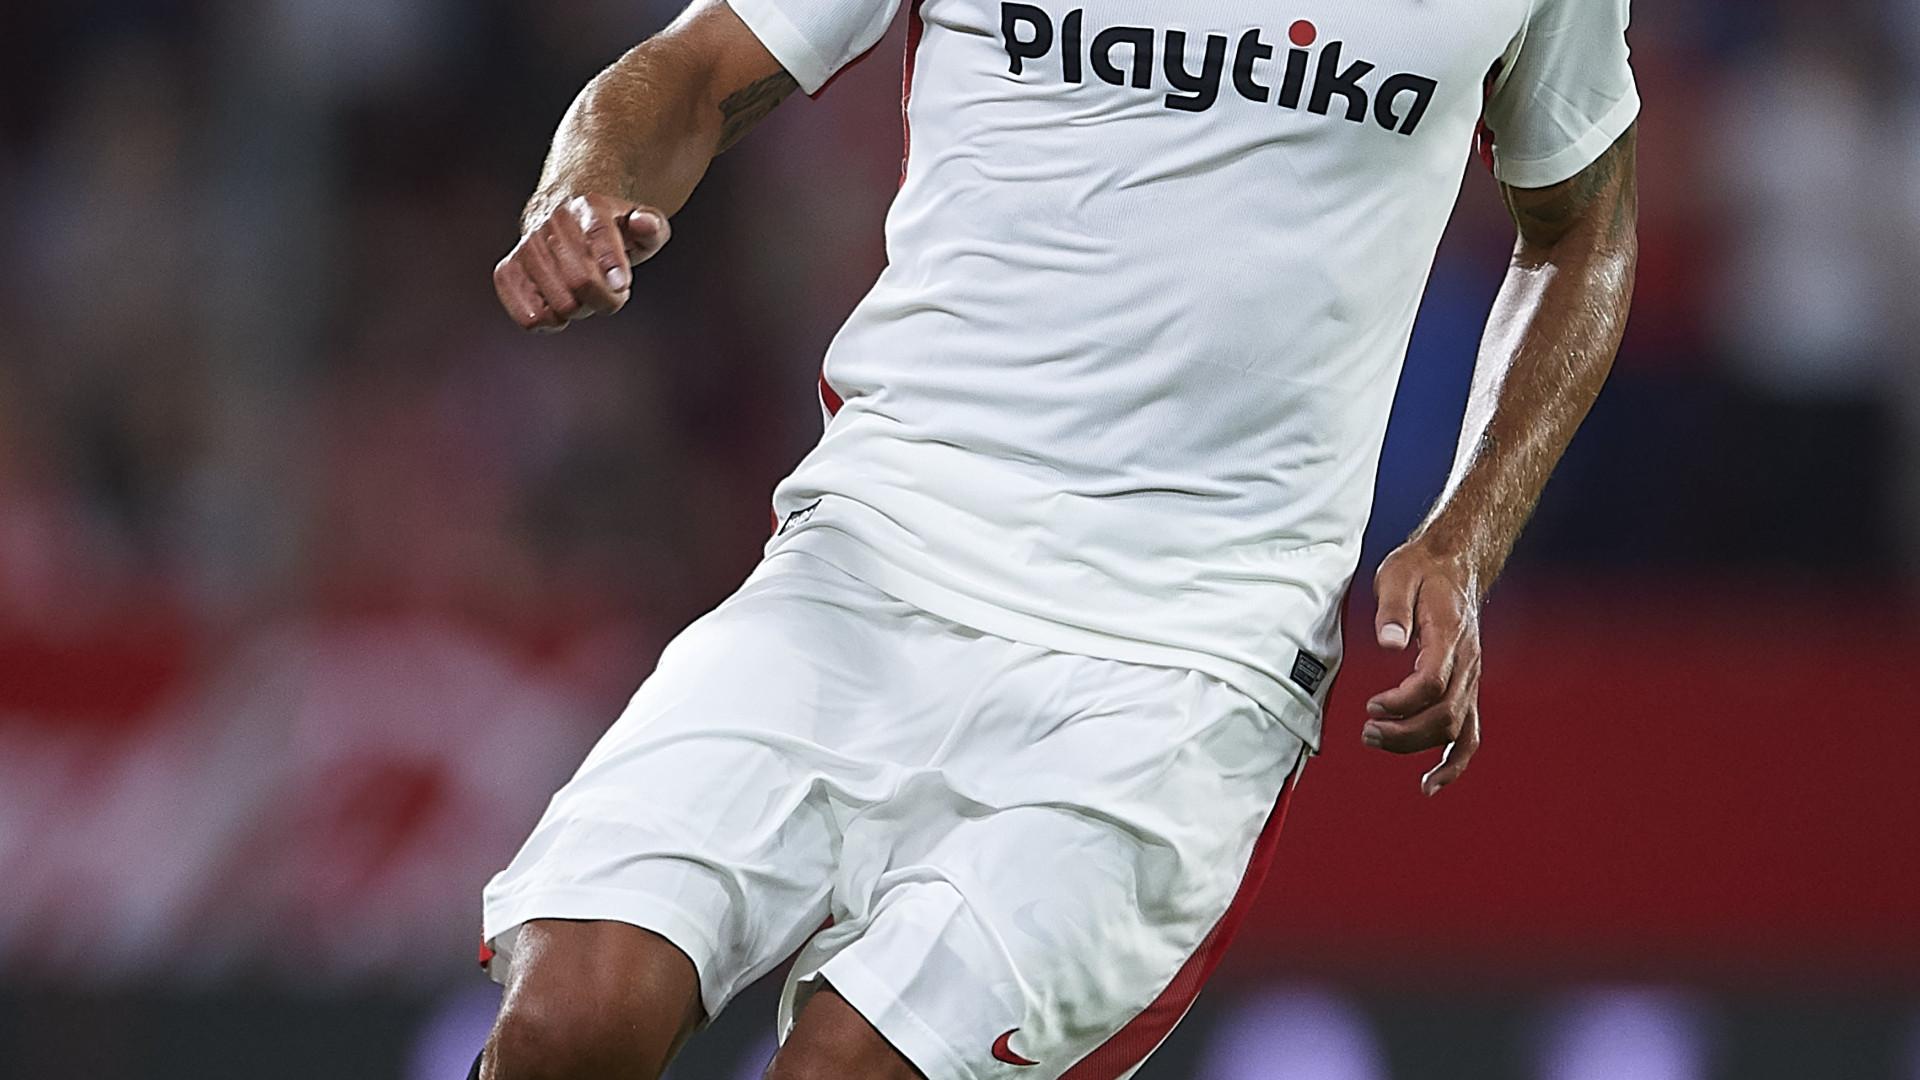 Imprensa espanhola insiste no interesse do Sporting em Daniel Carriço